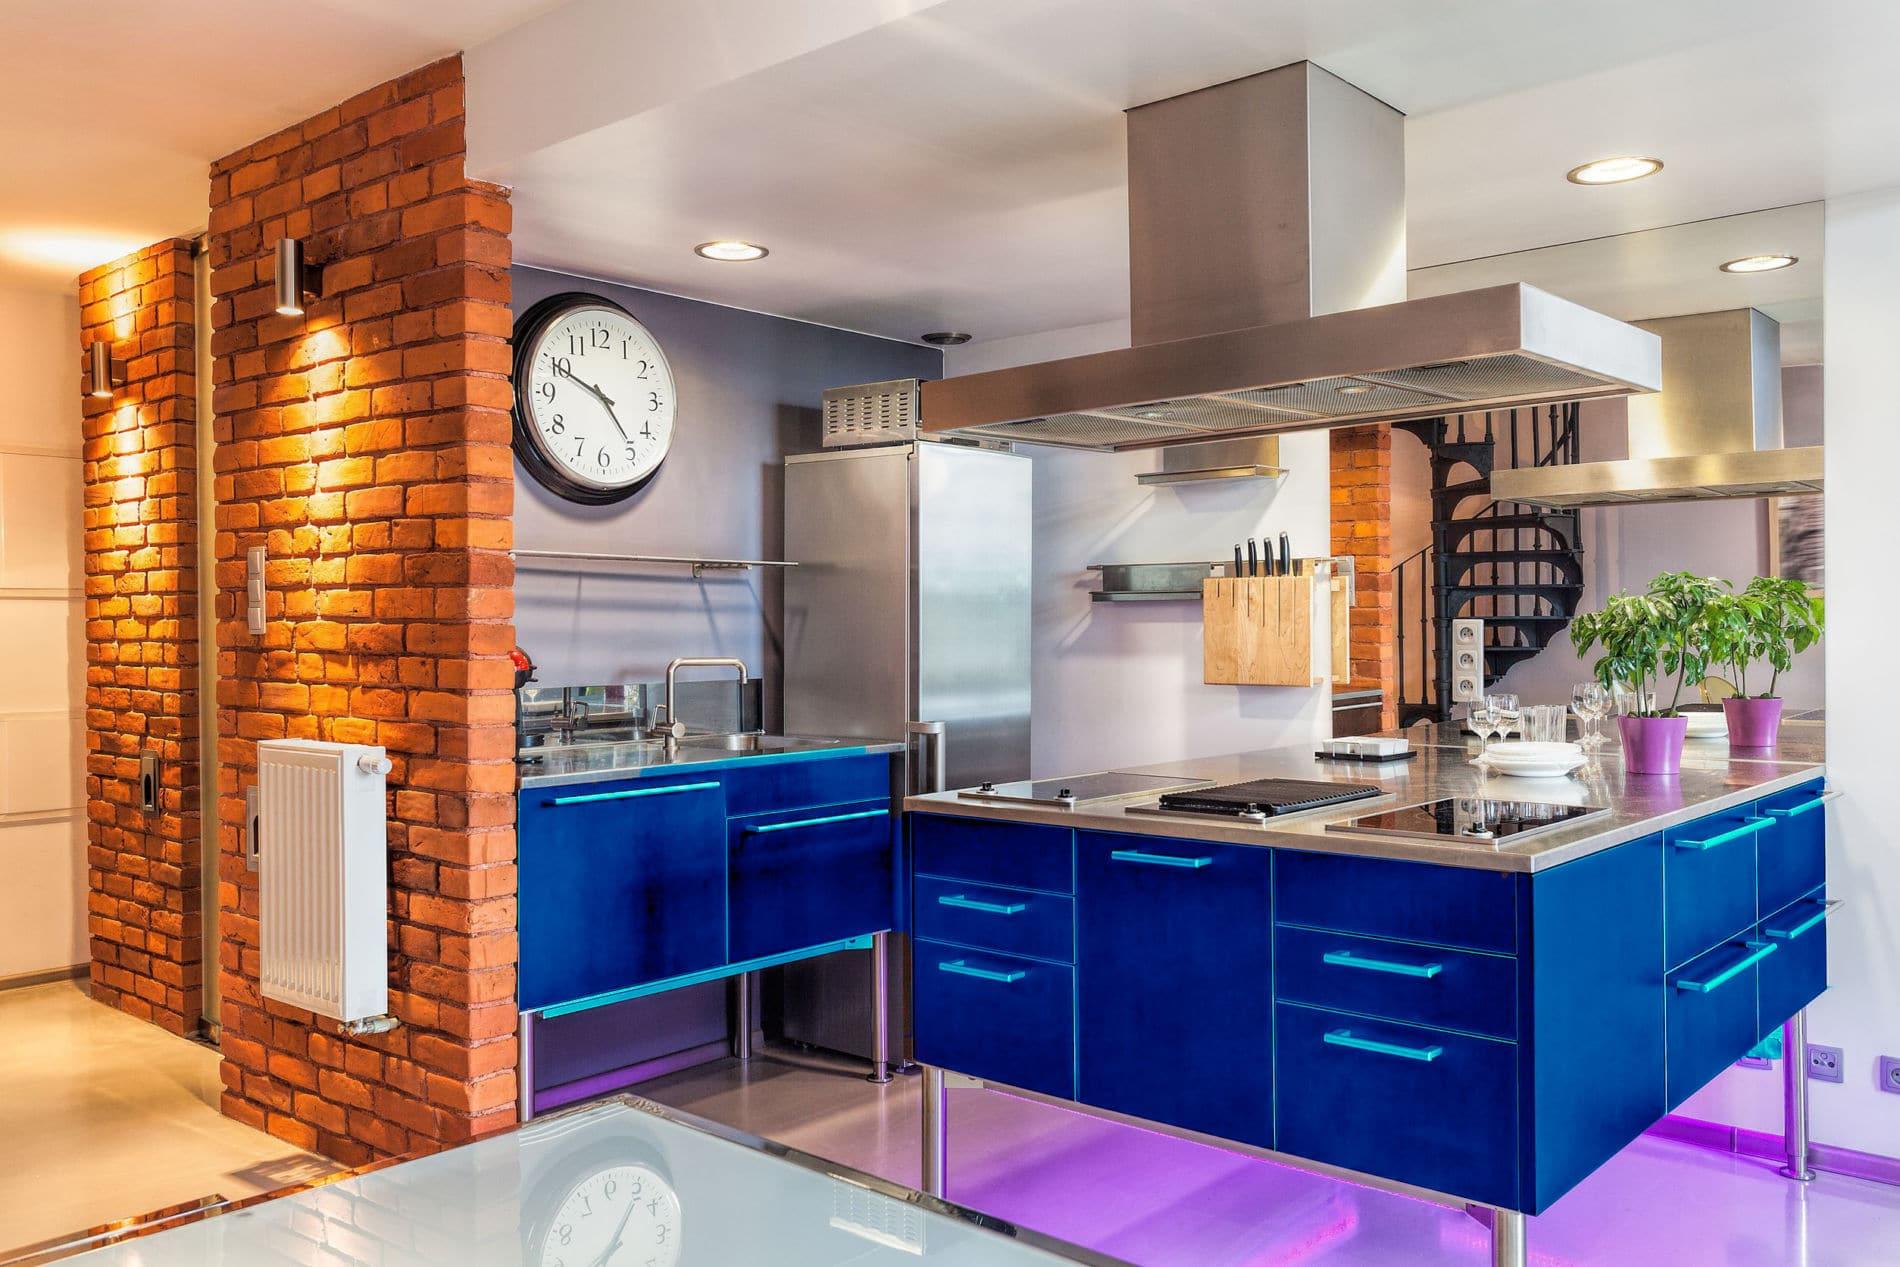 מטבח מודרני מעוצב ברמה גבוהה